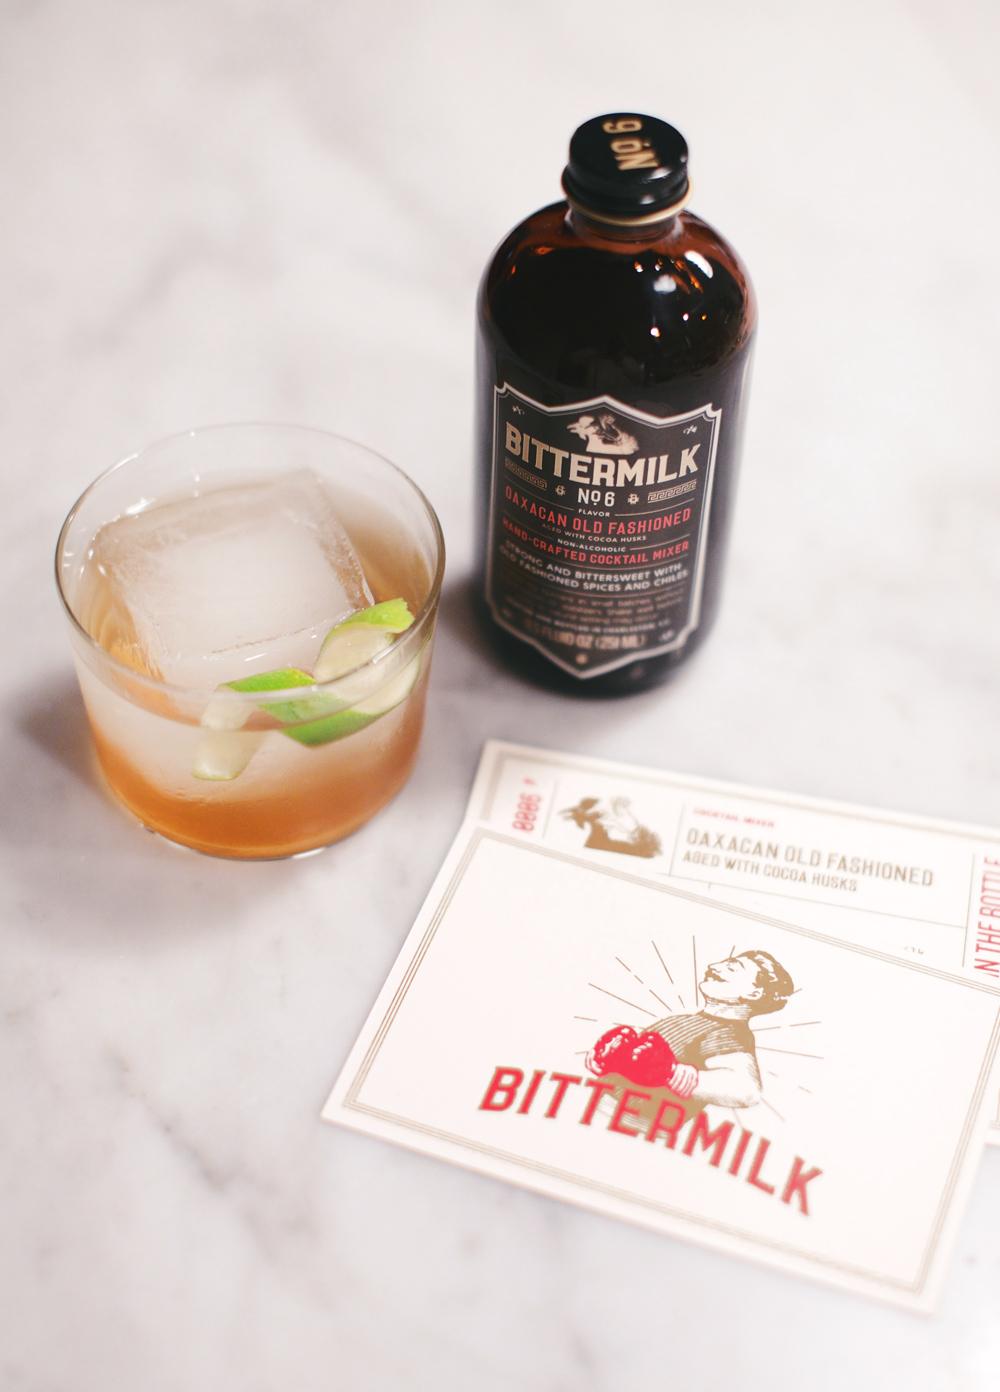 Bittermilk No. 6